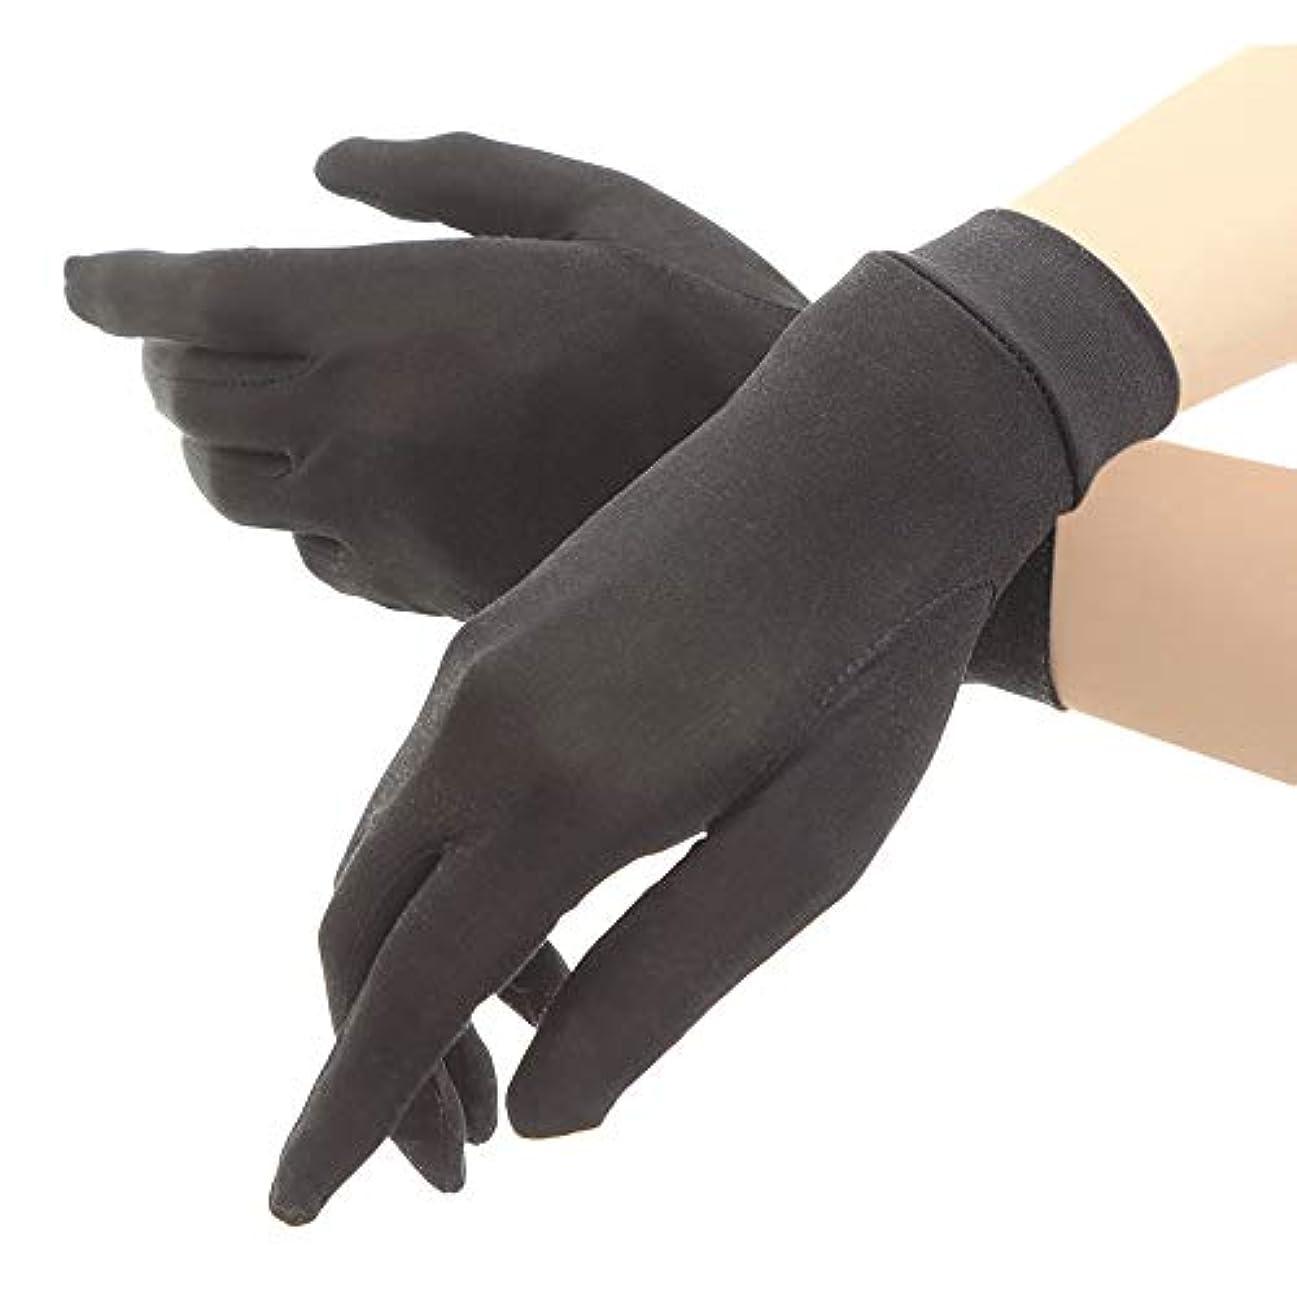 避けるセーターマチュピチュシルク手袋 レディース 手袋 シルク 絹 ハンド ケア 保湿 紫外線 肌荒れ 乾燥 サイズアップで手指にマッチ 【macch】